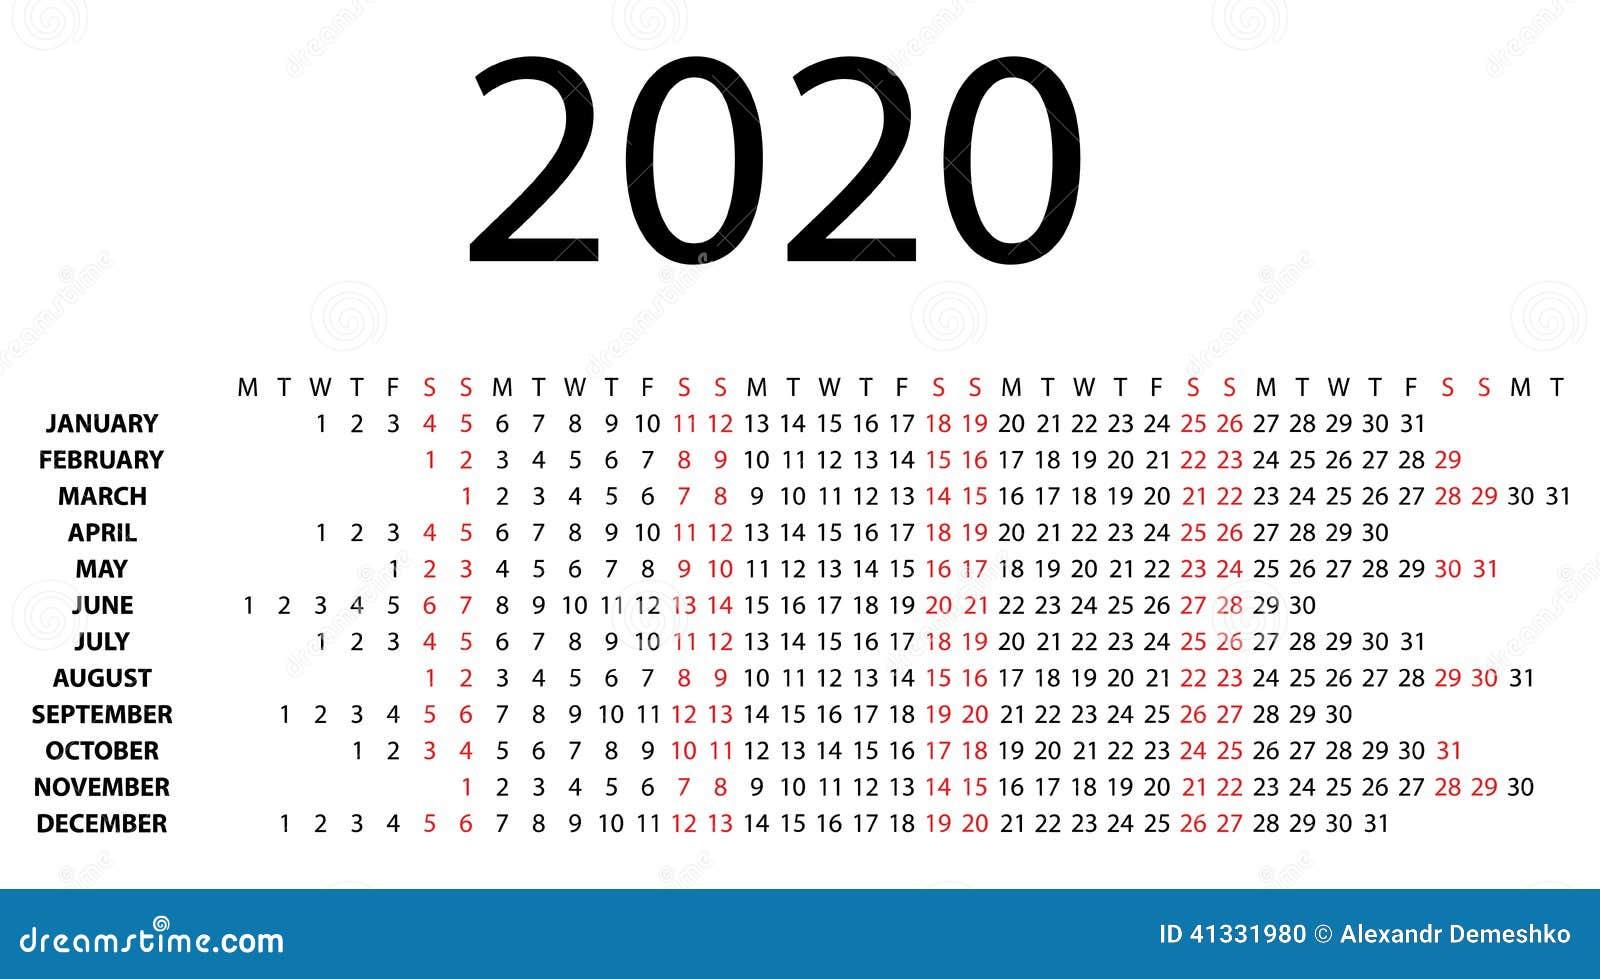 Calendario 2020 Orizzontale.Calendario Orizzontale Per 2020 Su Bianco Illustrazione